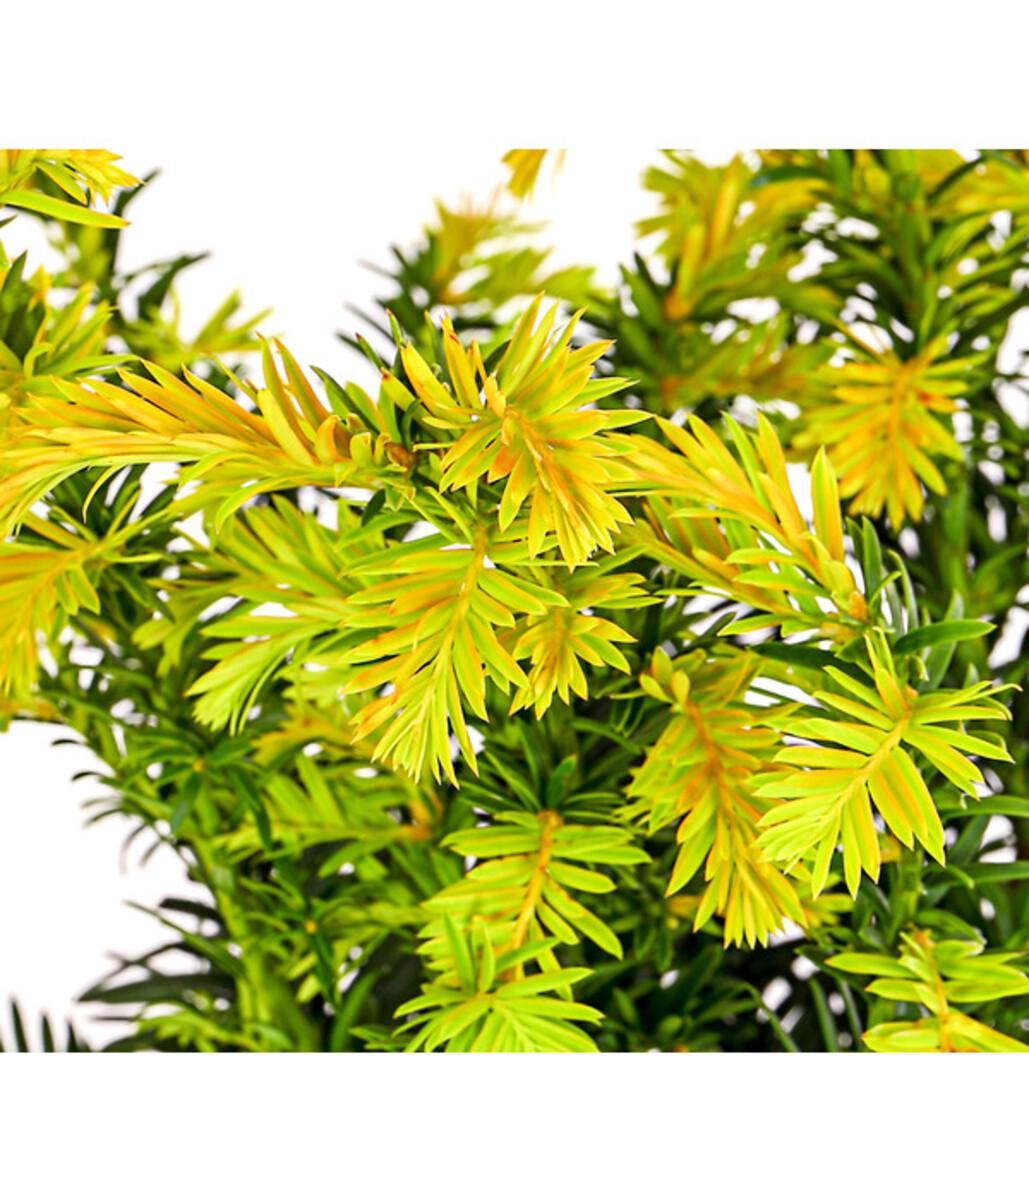 Bild 2 von Gelbe Eibe 'Cover Gold'